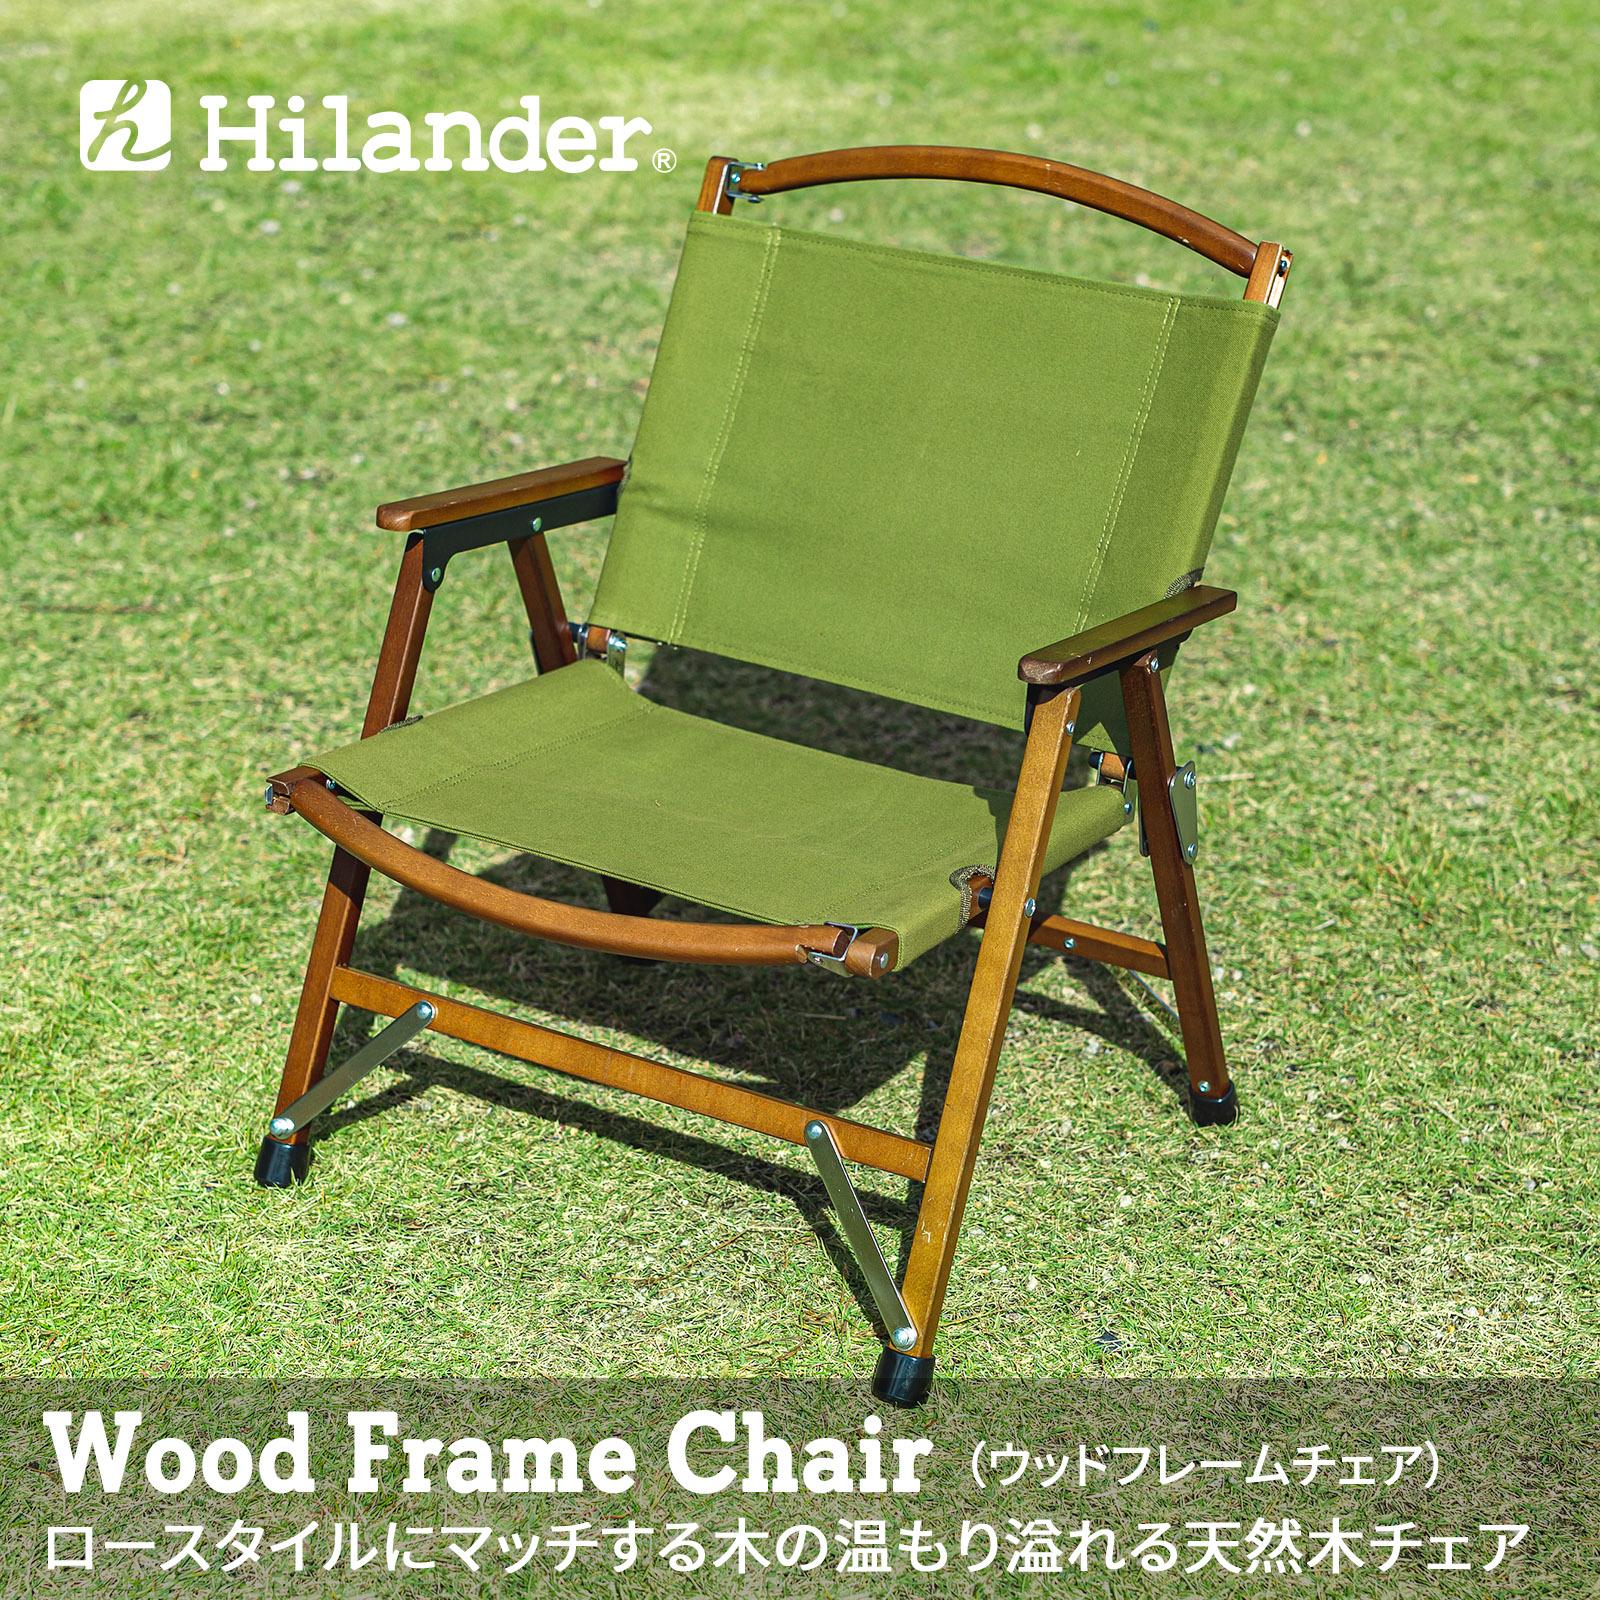 アウトドアチェア Hilander 激安 激安特価 送料無料 ハイランダー ウッドフレームチェア 国内正規品 コットン HCA0341 単体 カーキ 限定カラー ダークブラウン